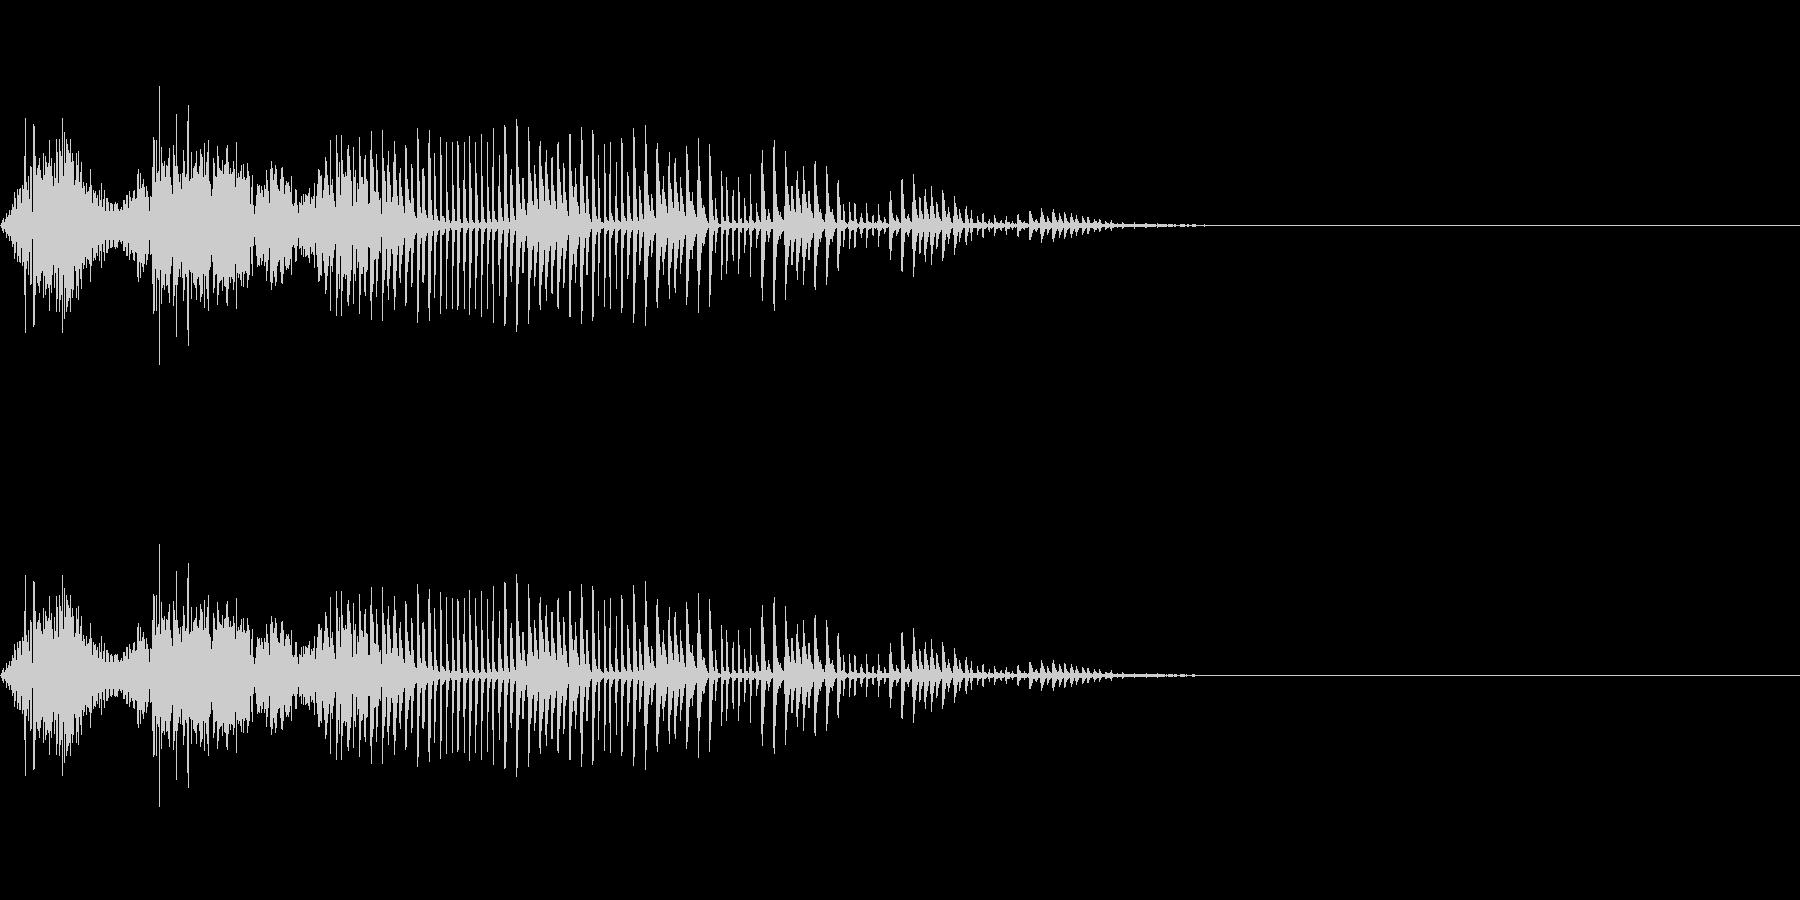 【SE 効果音】効果音その8の未再生の波形